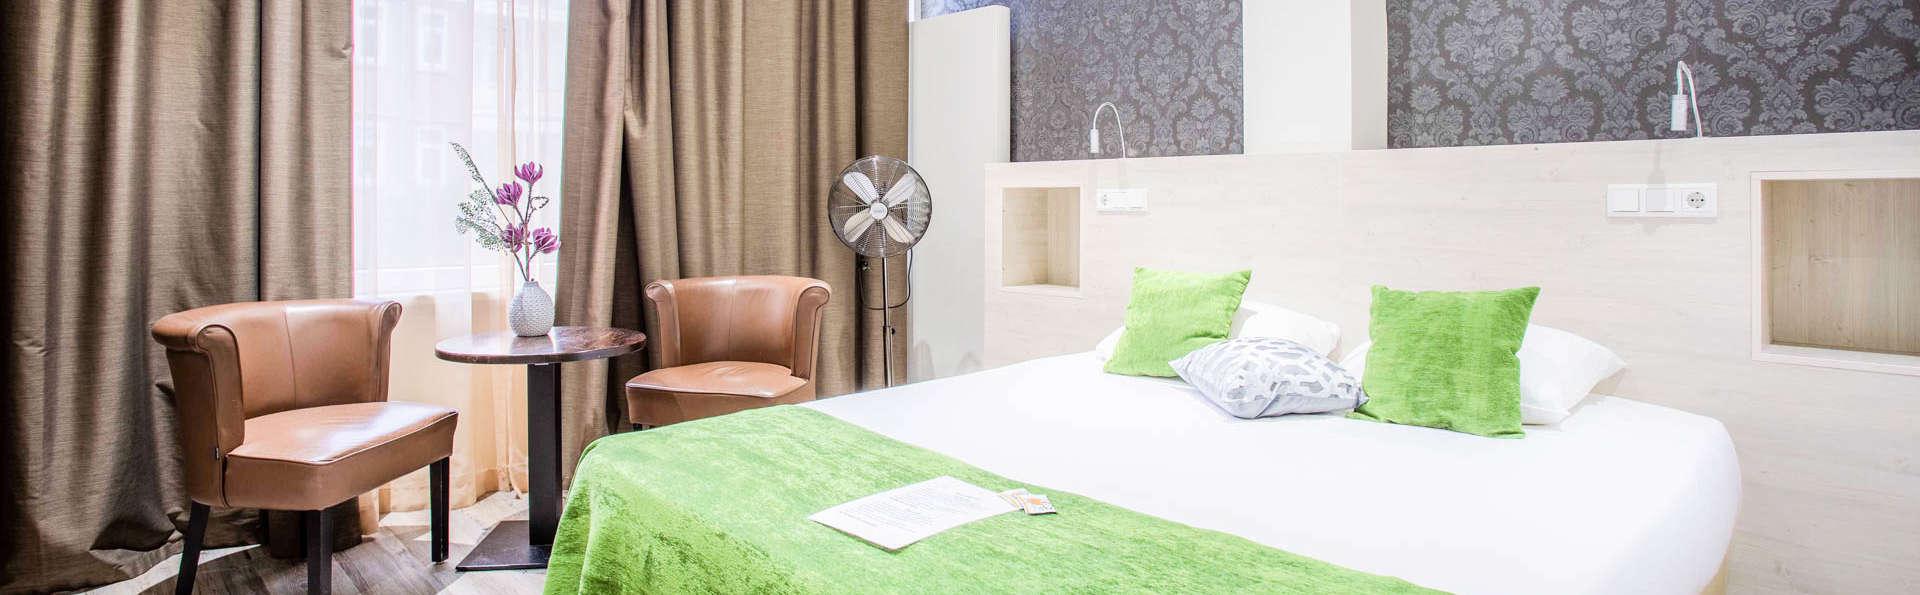 Séjournez dans une chambre de luxe au centre de Rotterdam